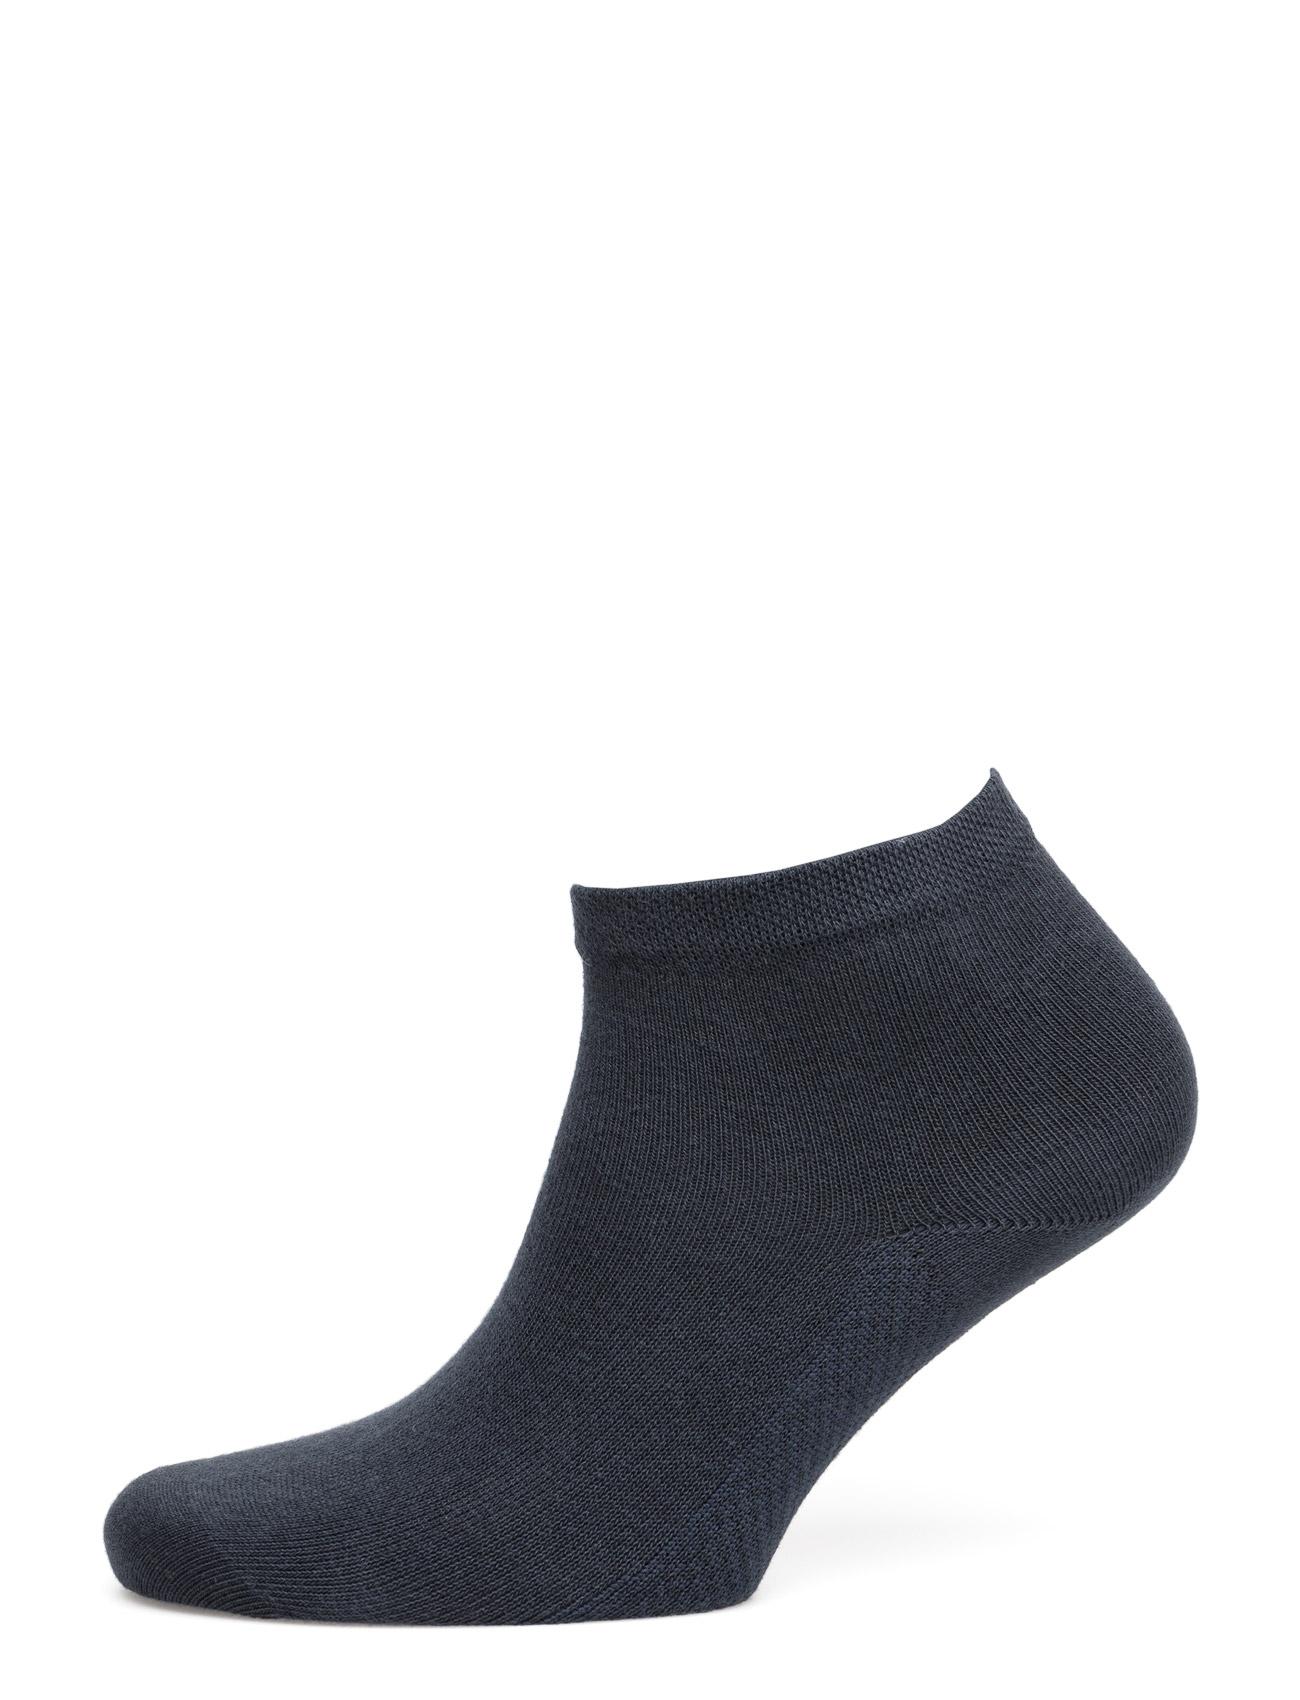 Relax Dry Cotton Hudson Strømpebukser til Damer i Marine blå